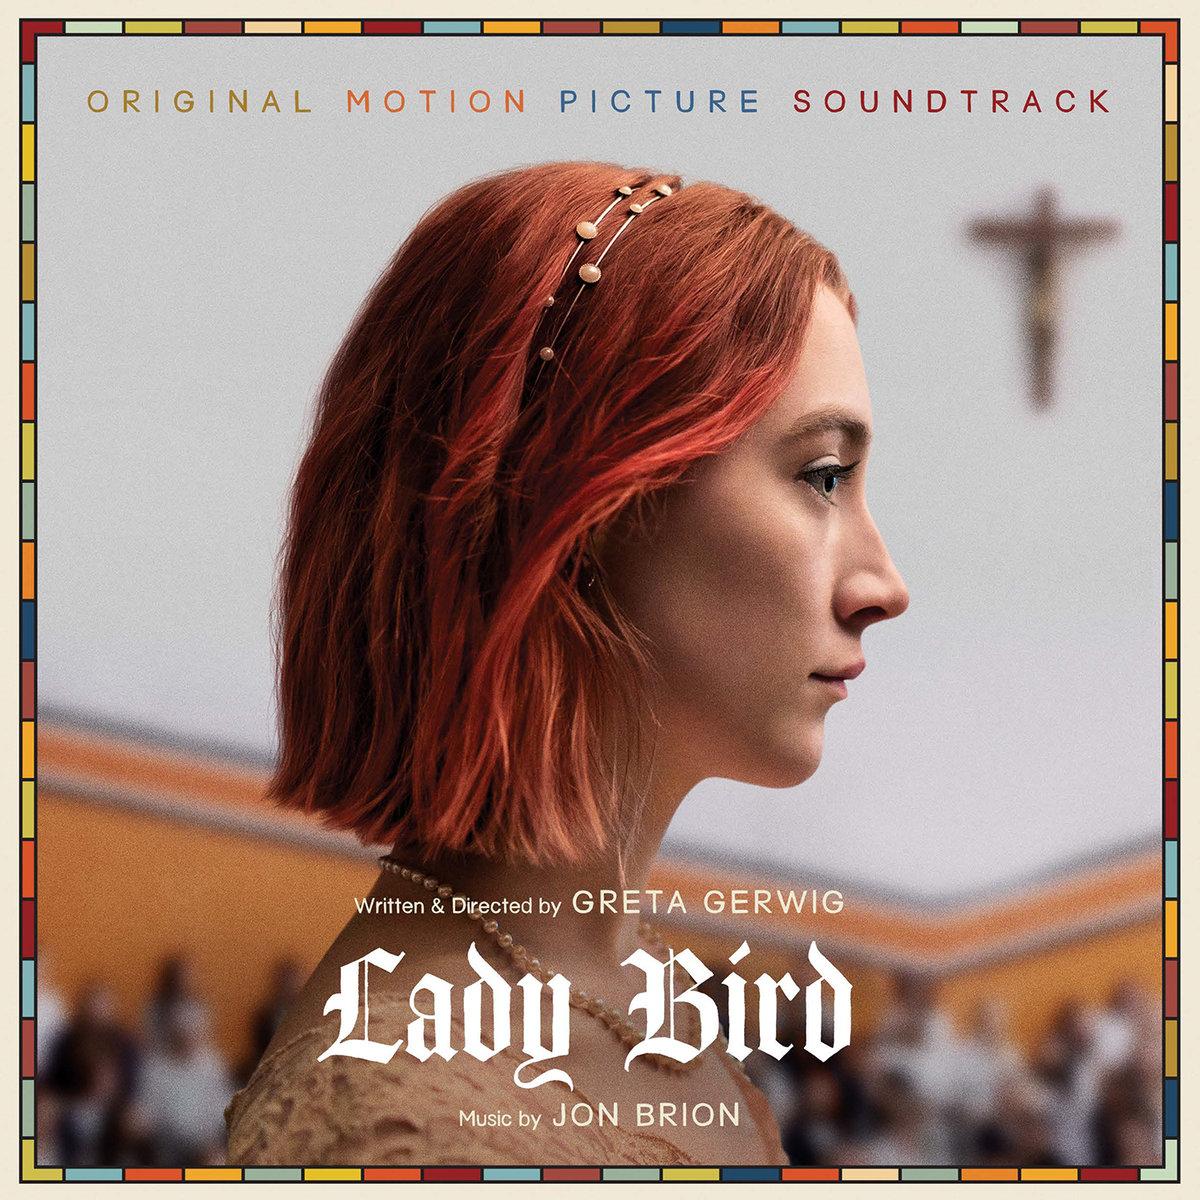 couverture de la bande originale du film Lady Bird